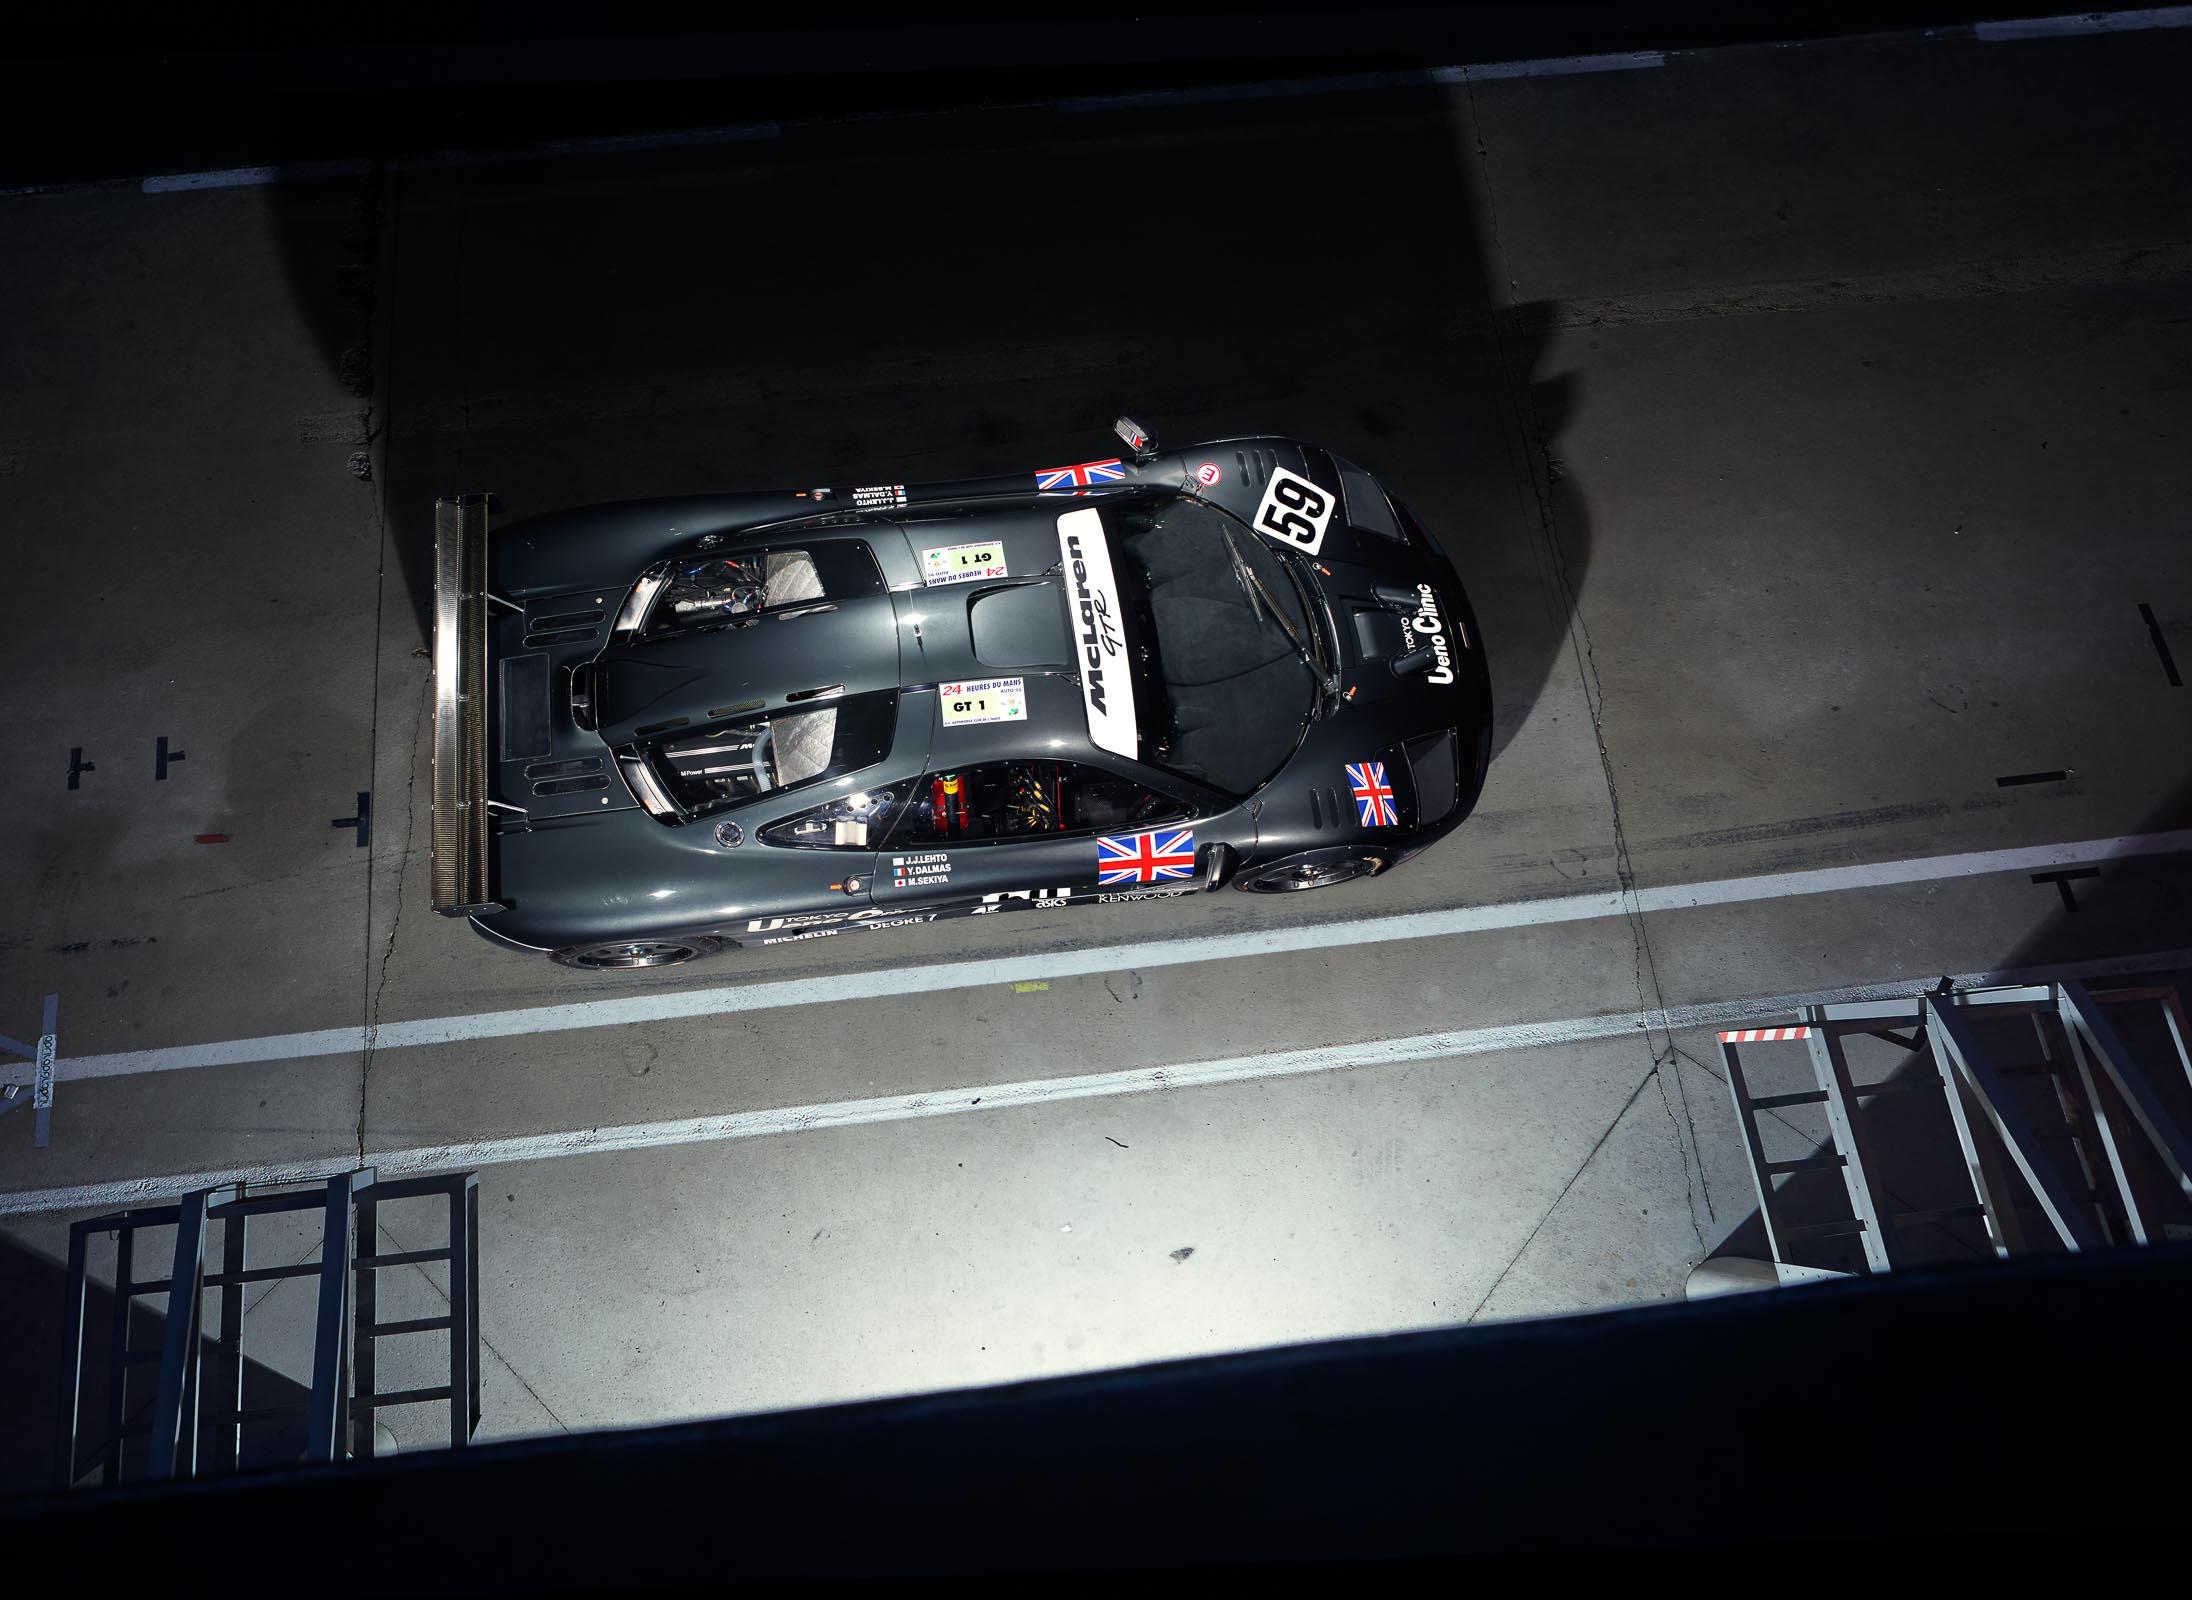 McLaren F1 GTR - overhead / vue du haut - photo Alex Howe